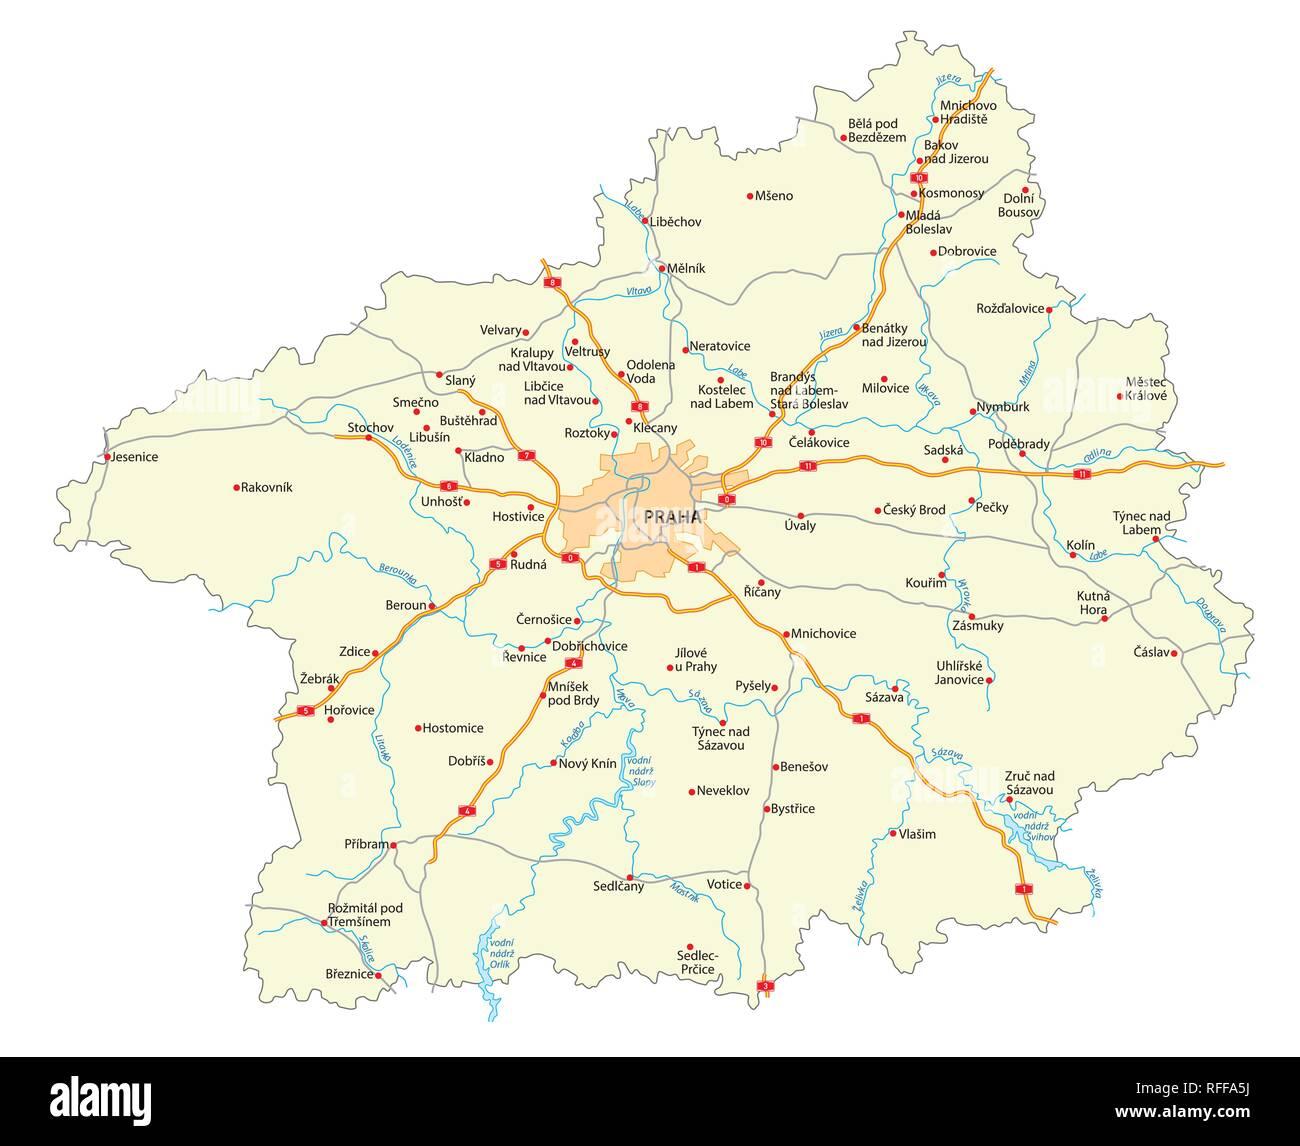 Mappa stradale della regione ceca Stredocesky kraj (Boemia centrale) Immagini Stock